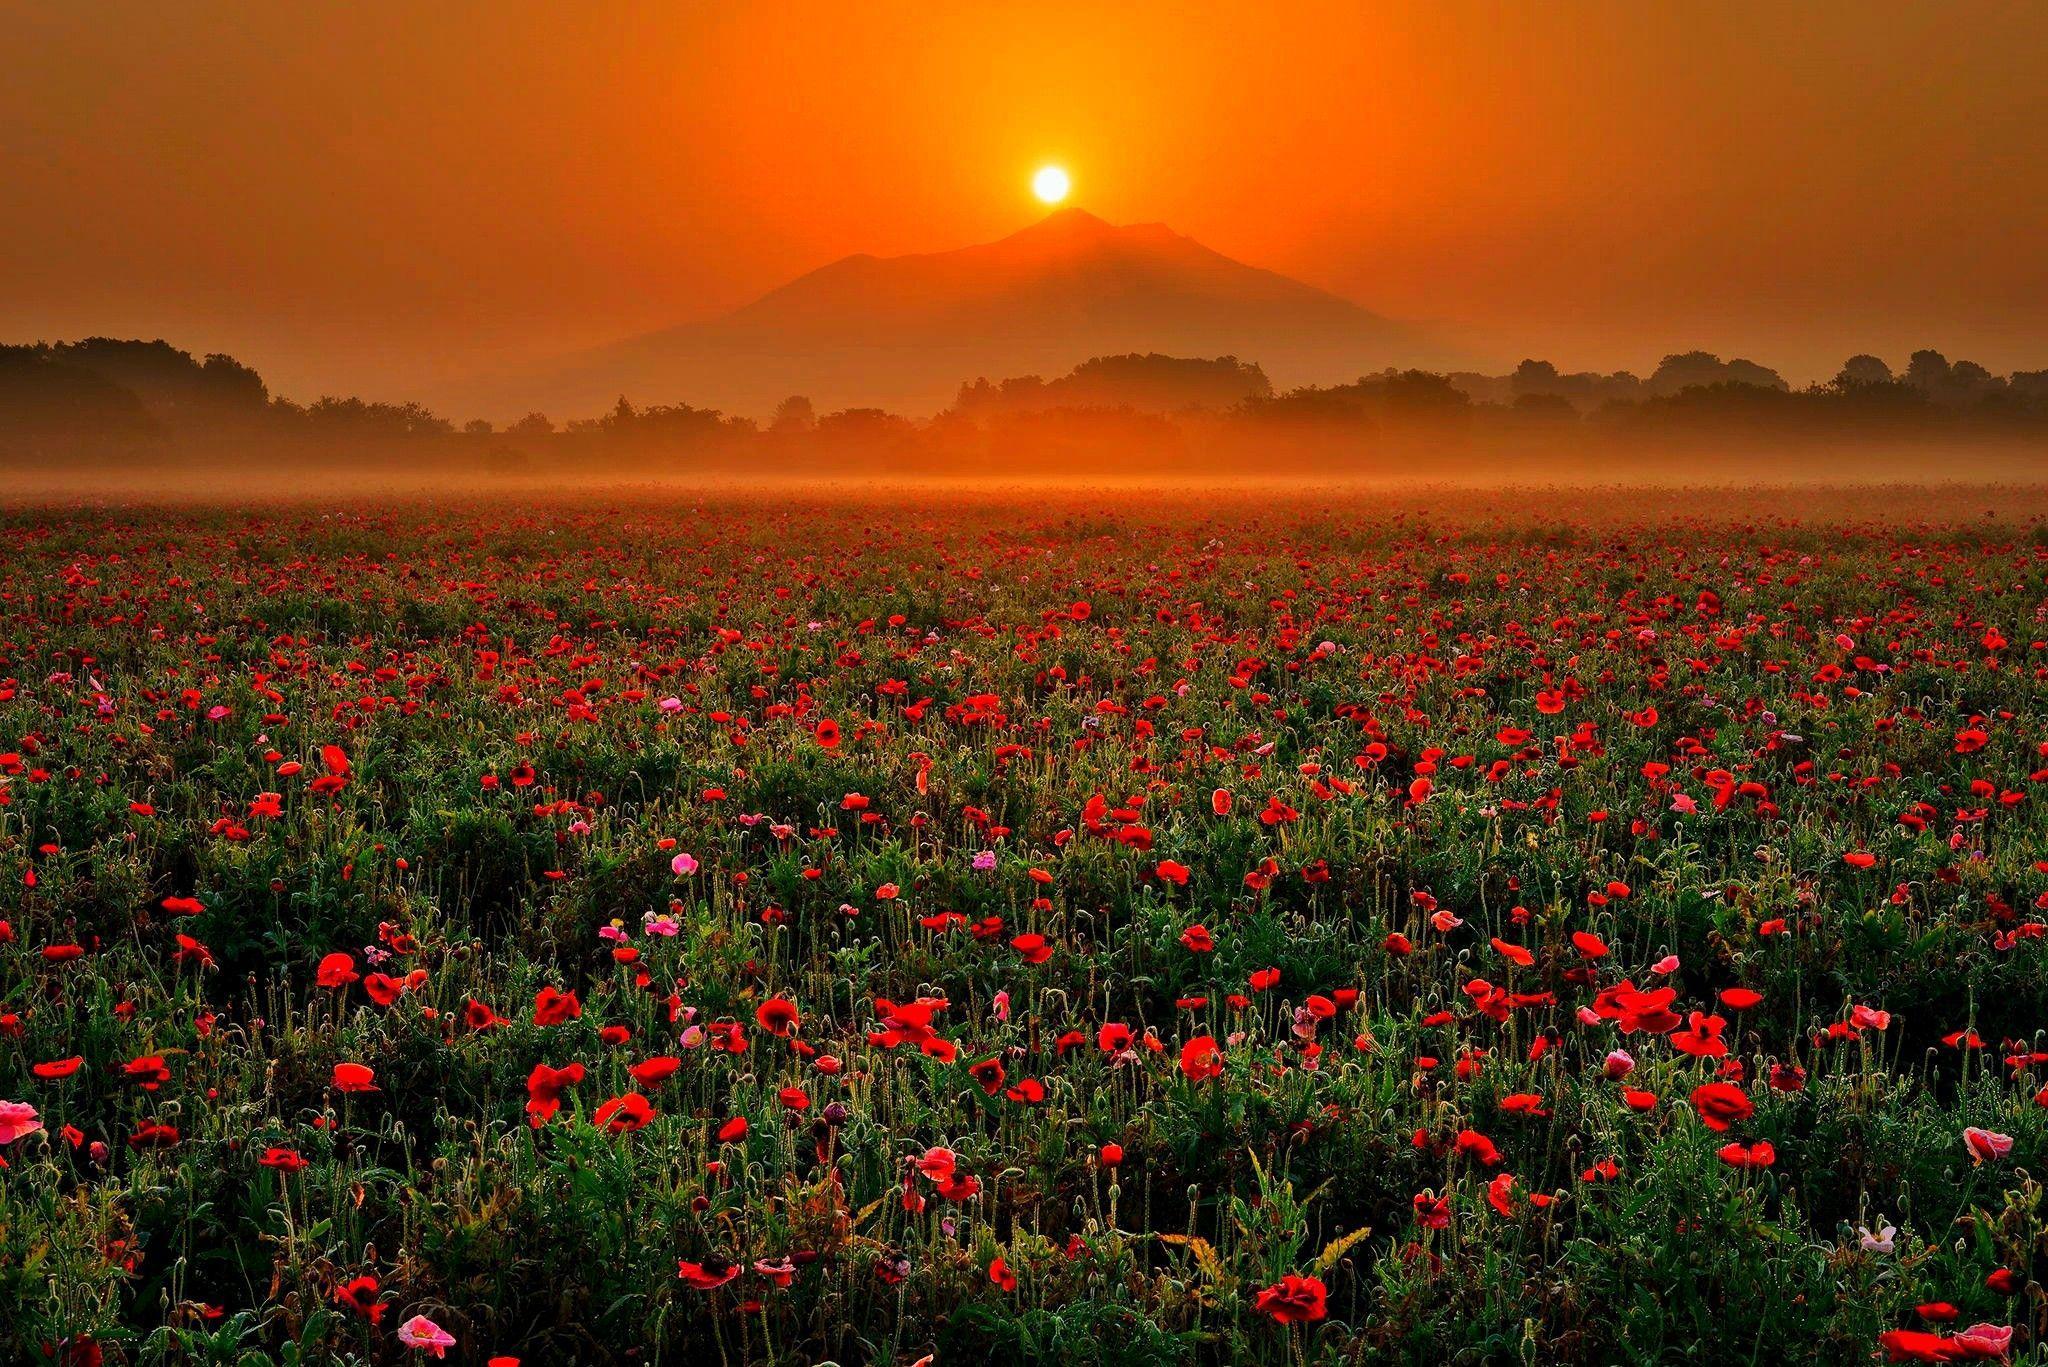 2048x1367 Hoa: Mùa xuân Bình minh Hoa anh túc Hoa anh túc Mặt trời mọc Hoa anh túc Sương mù buổi sáng